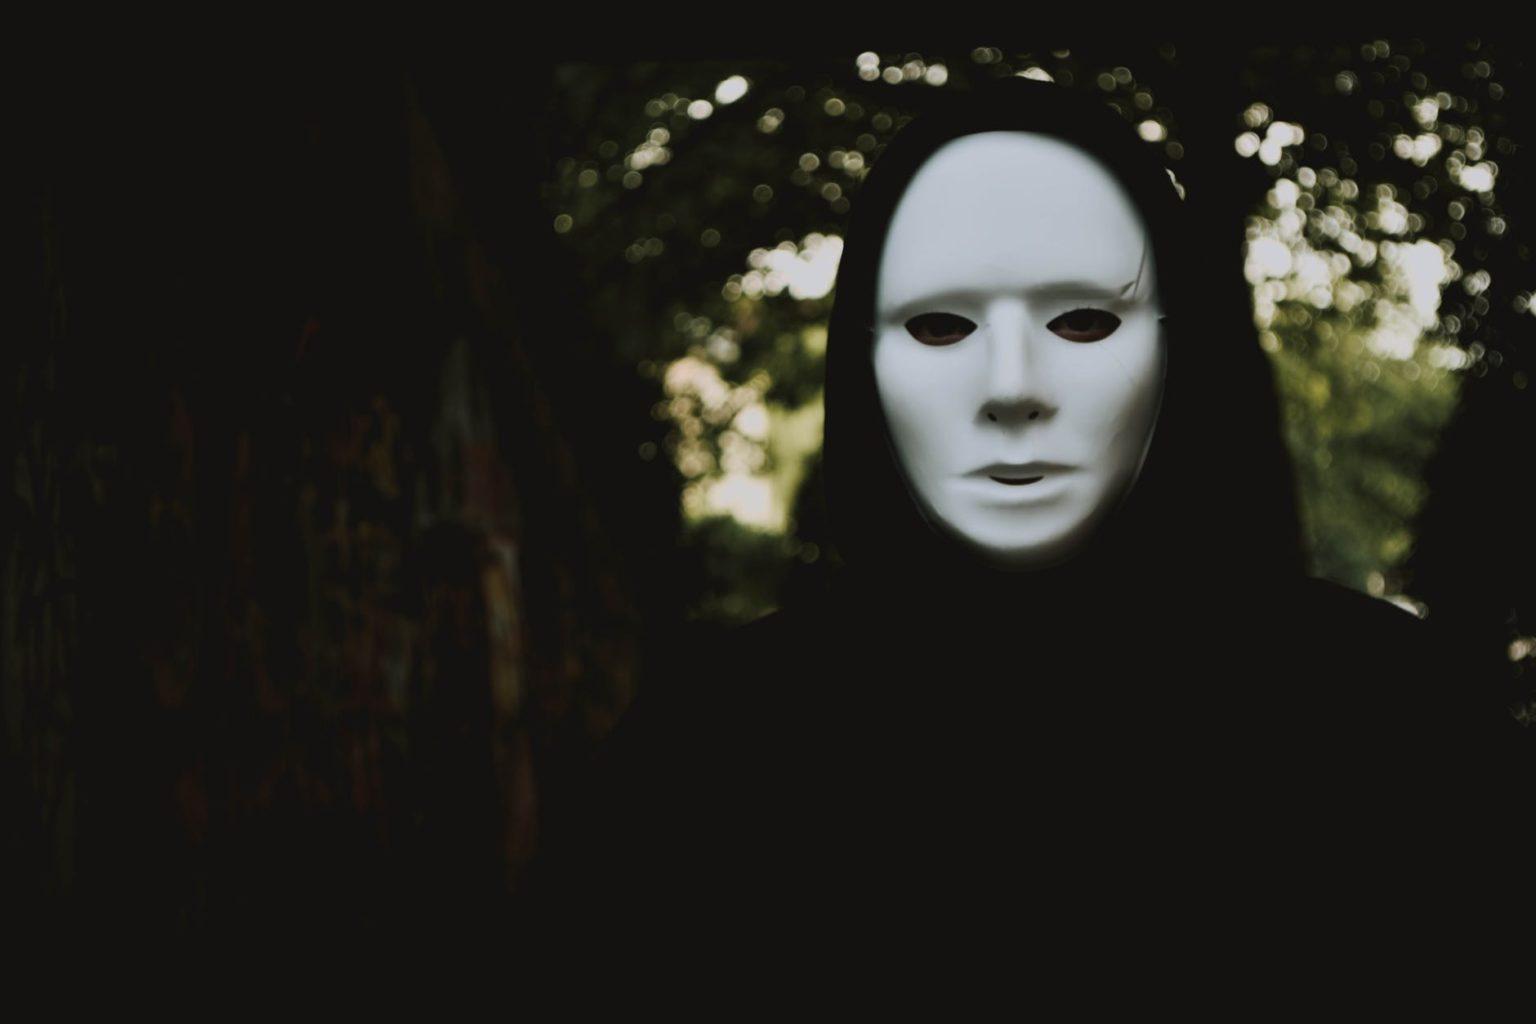 Теперь можно носить защитную маску, не скрывающую лицо